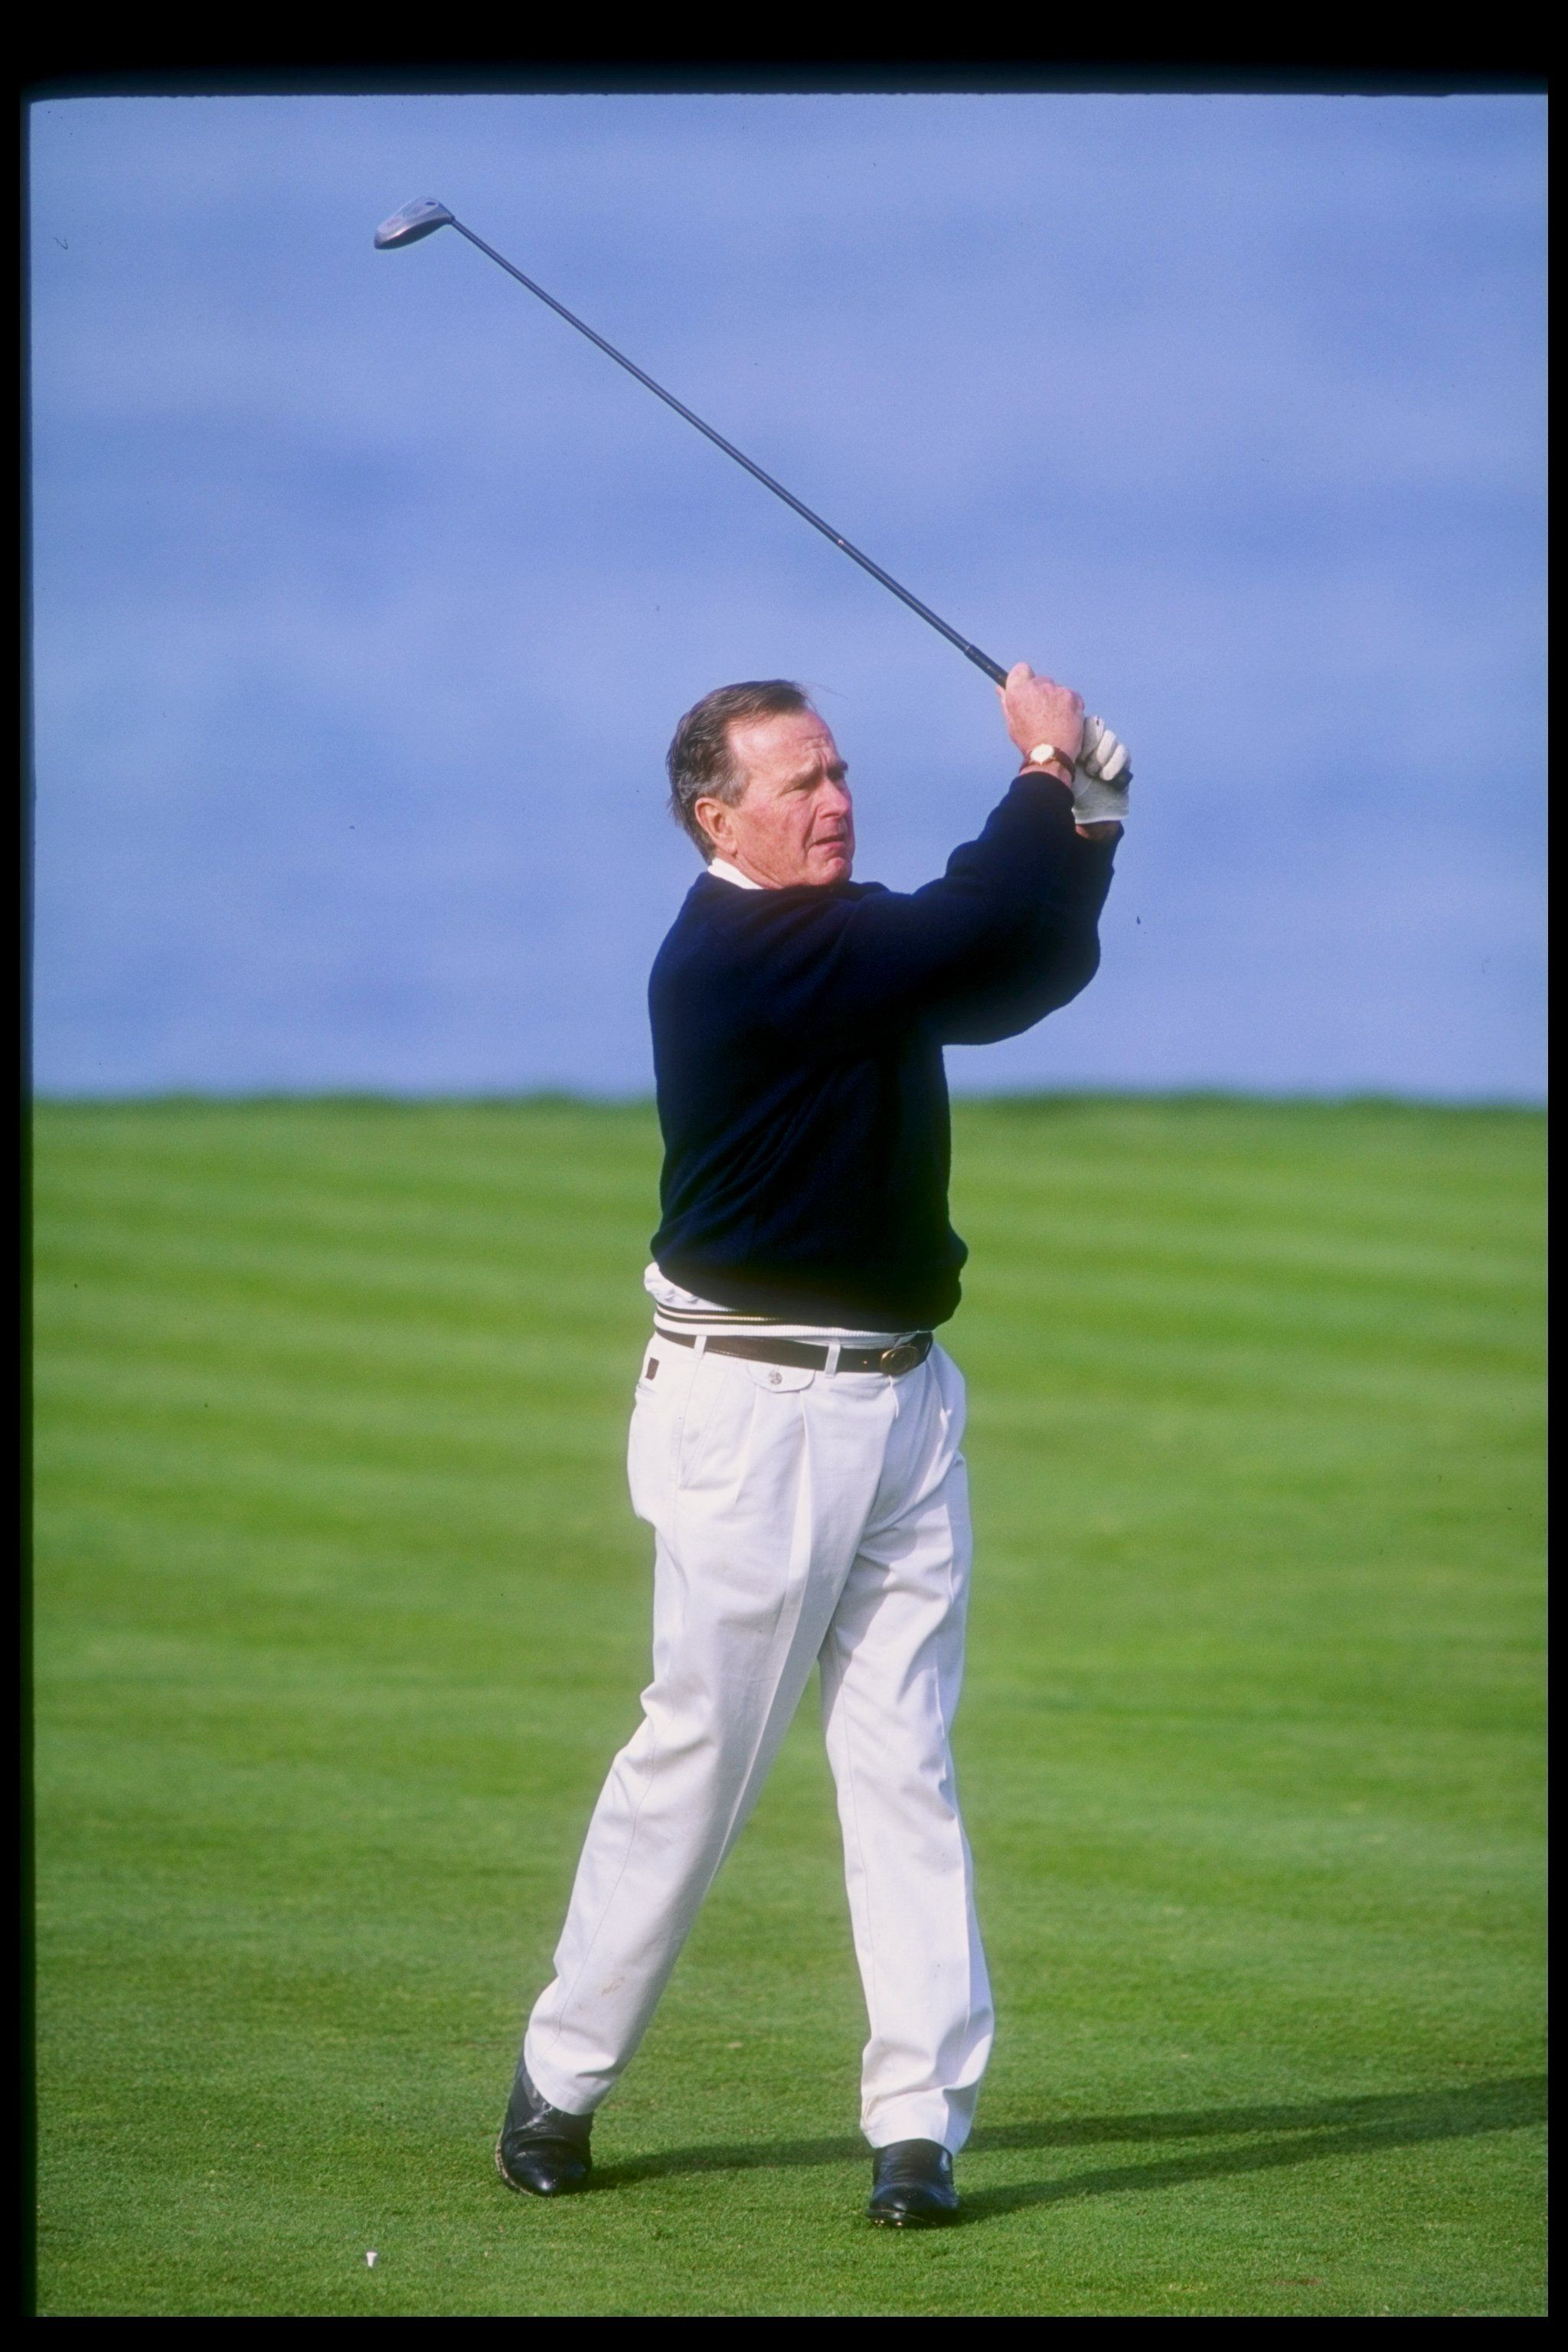 George HW Bush golfing